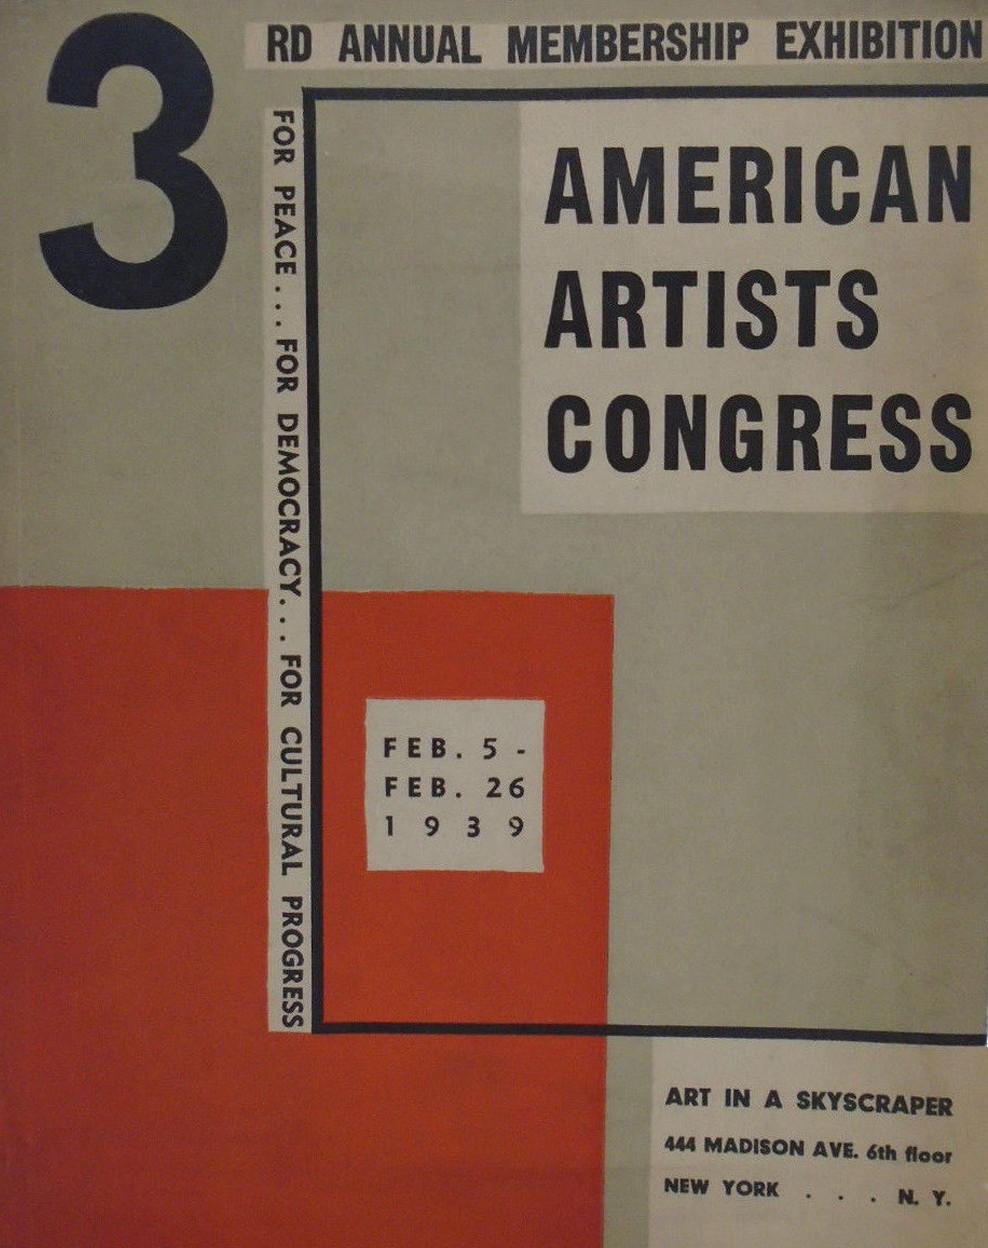 Plakat promujący trzecią doroczną wystawę AAC, 1939 / Poster promoting the third annual exhibition of AAC, 1939